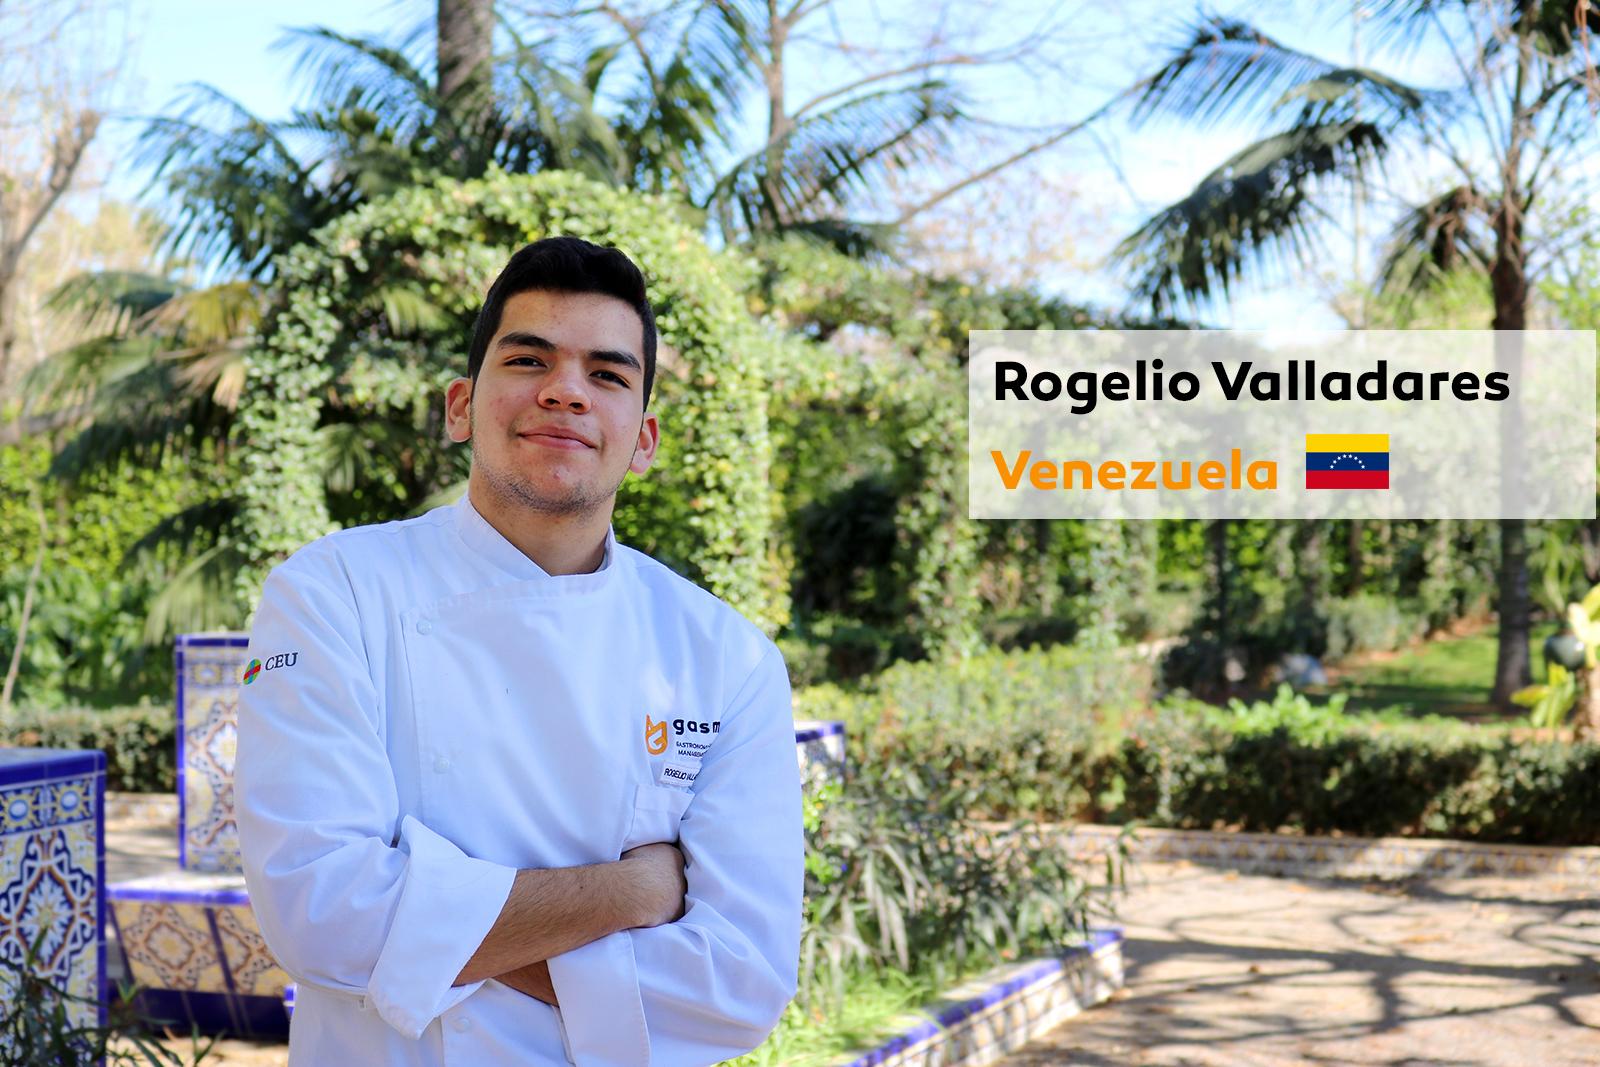 Rogelio Valladares